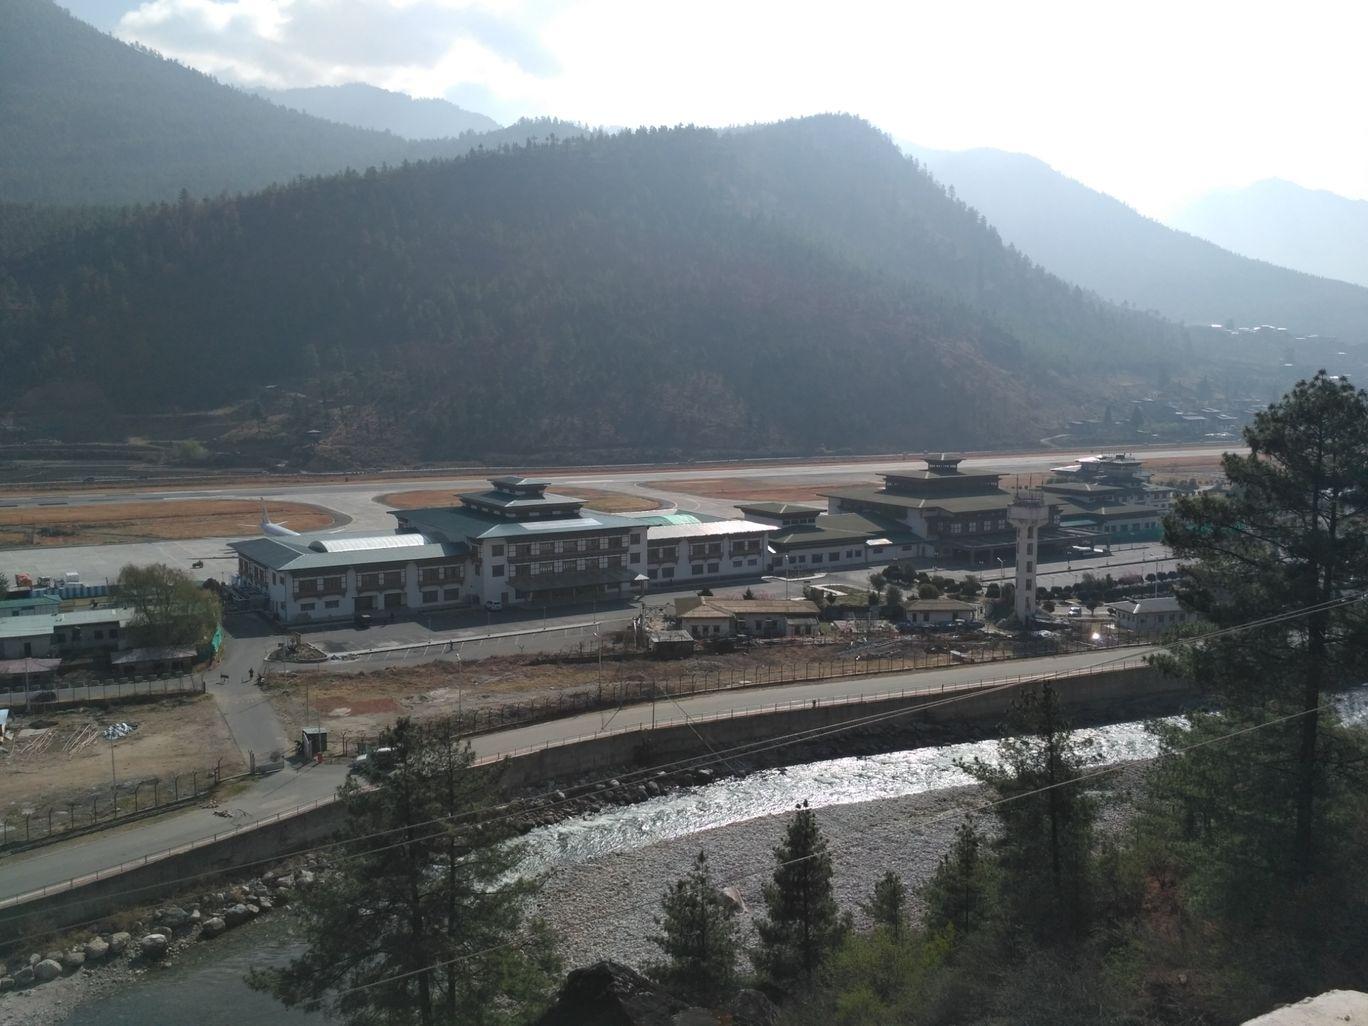 Photo of Bhutan By Jyotiraditya Chetia